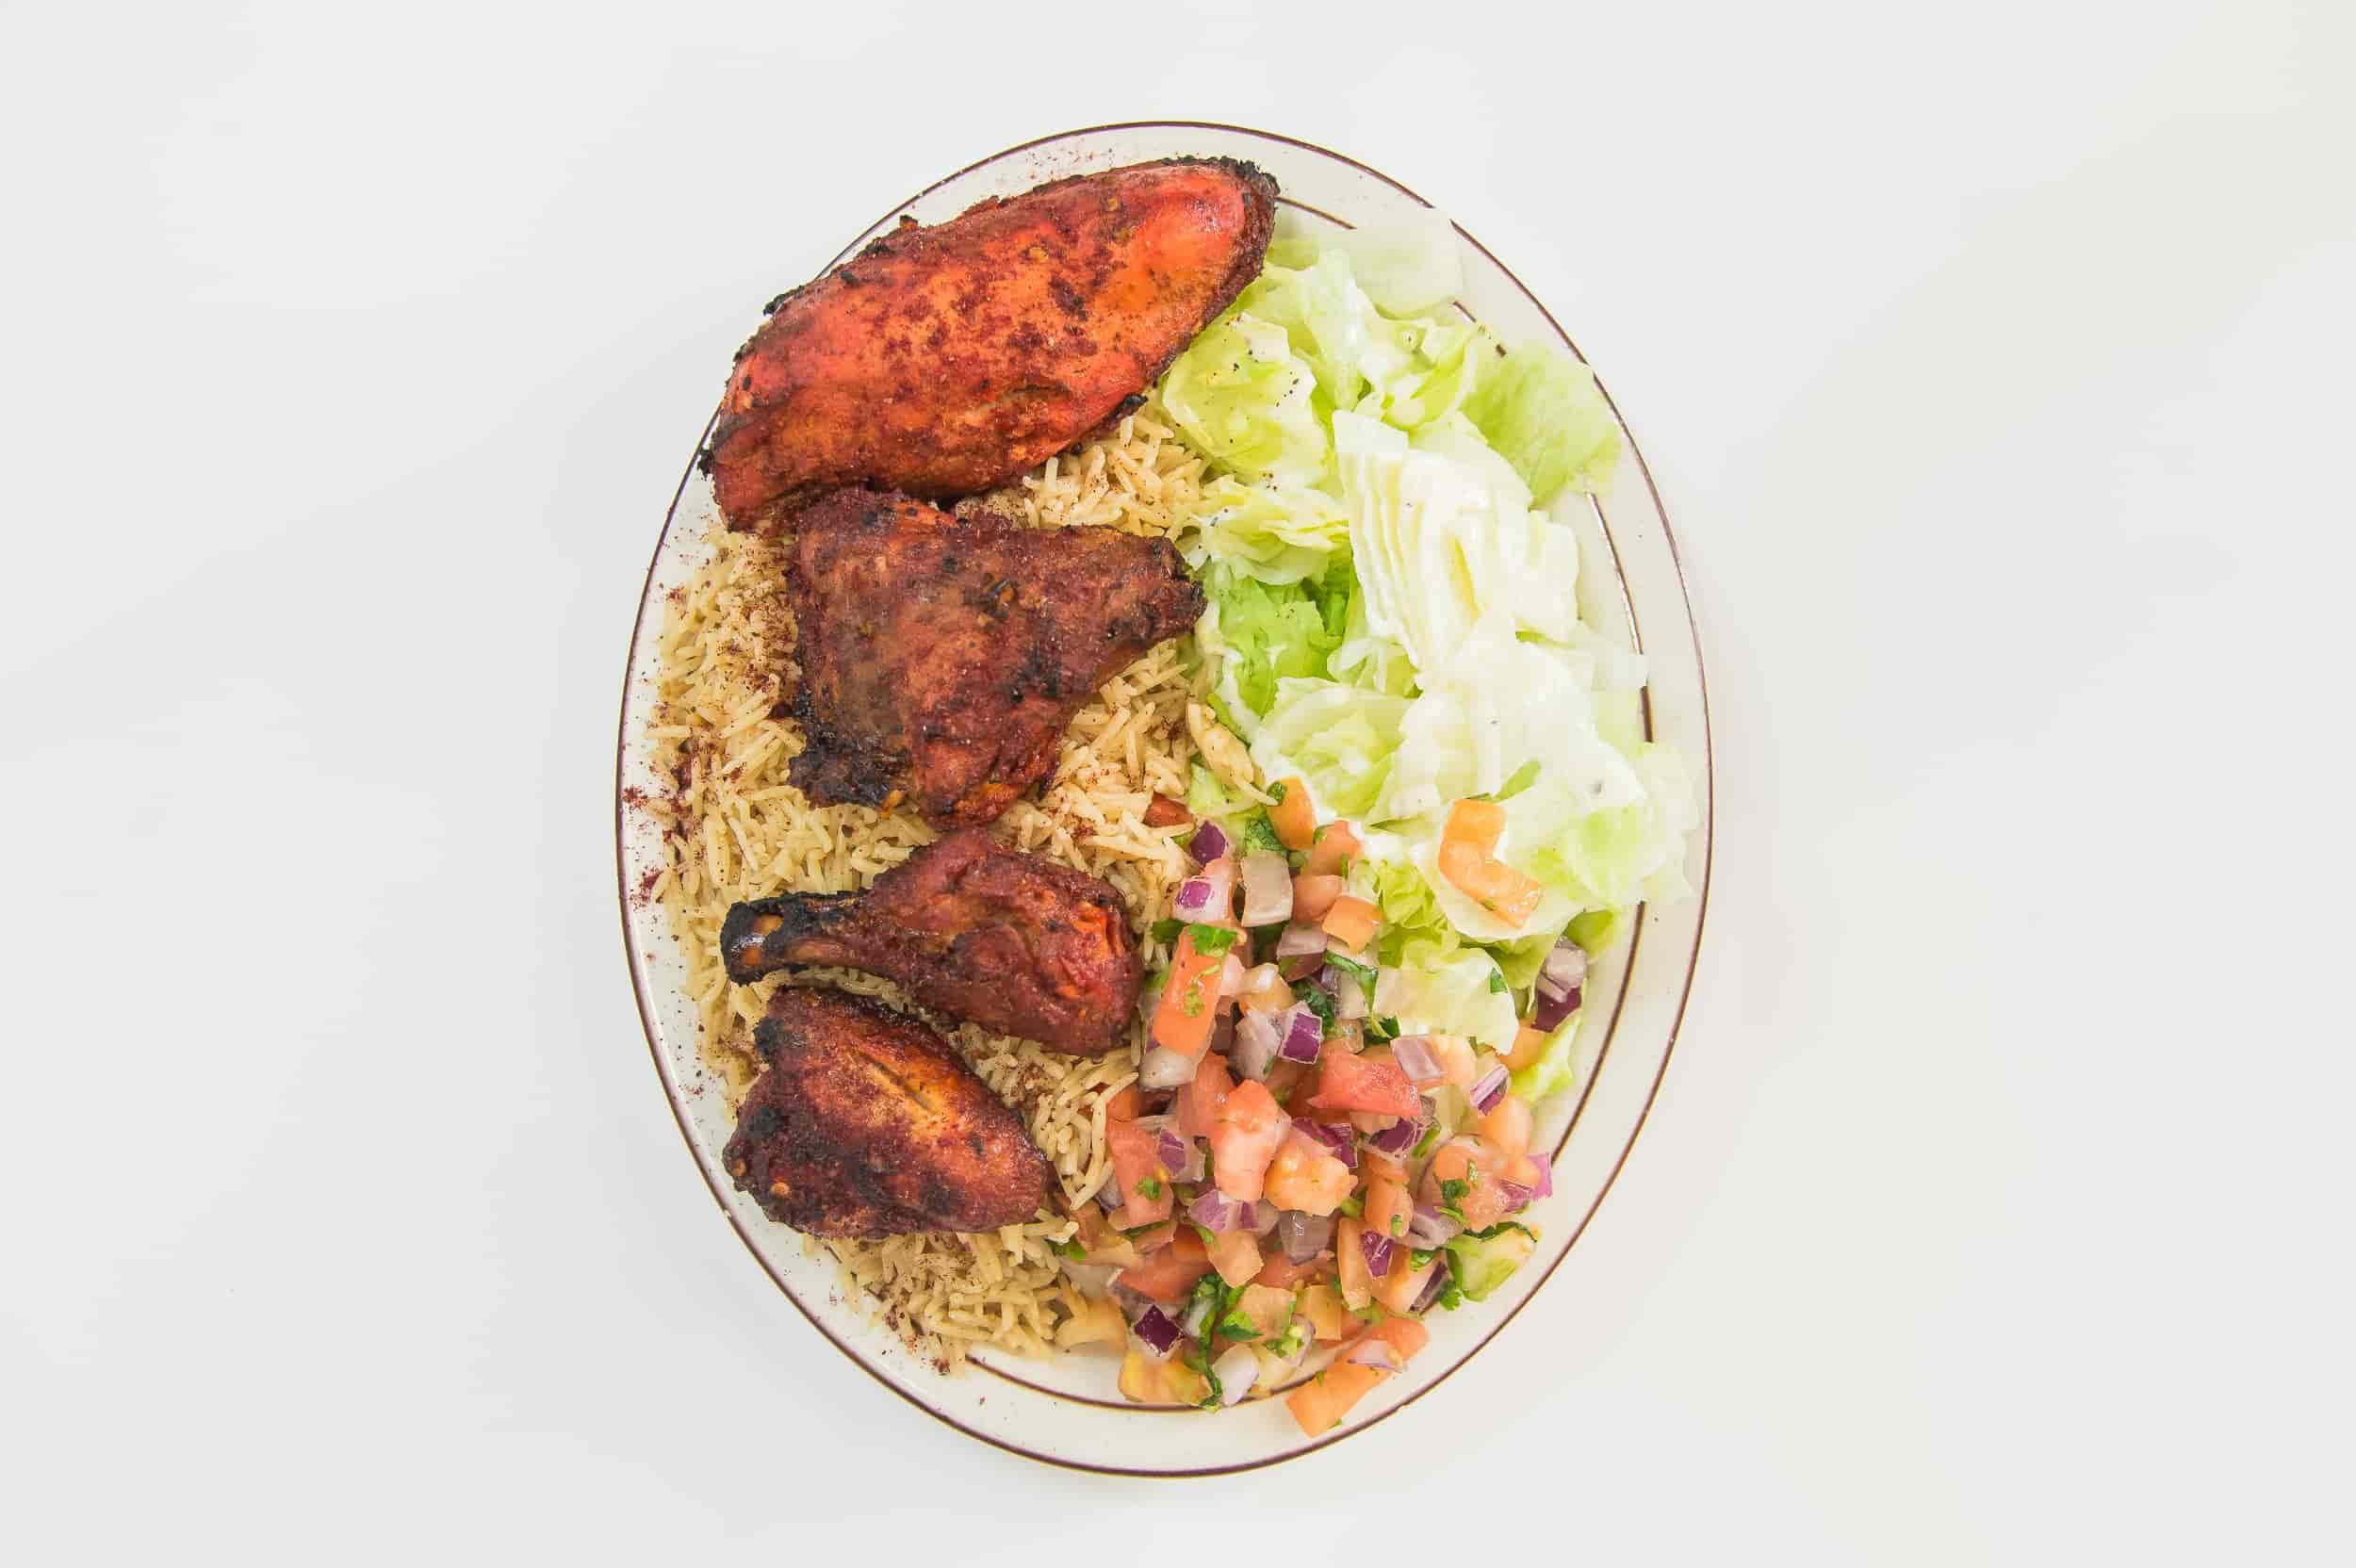 Bamiyan kabob best afghani restaurant in gta half chicken kabob 1349 forumfinder Images